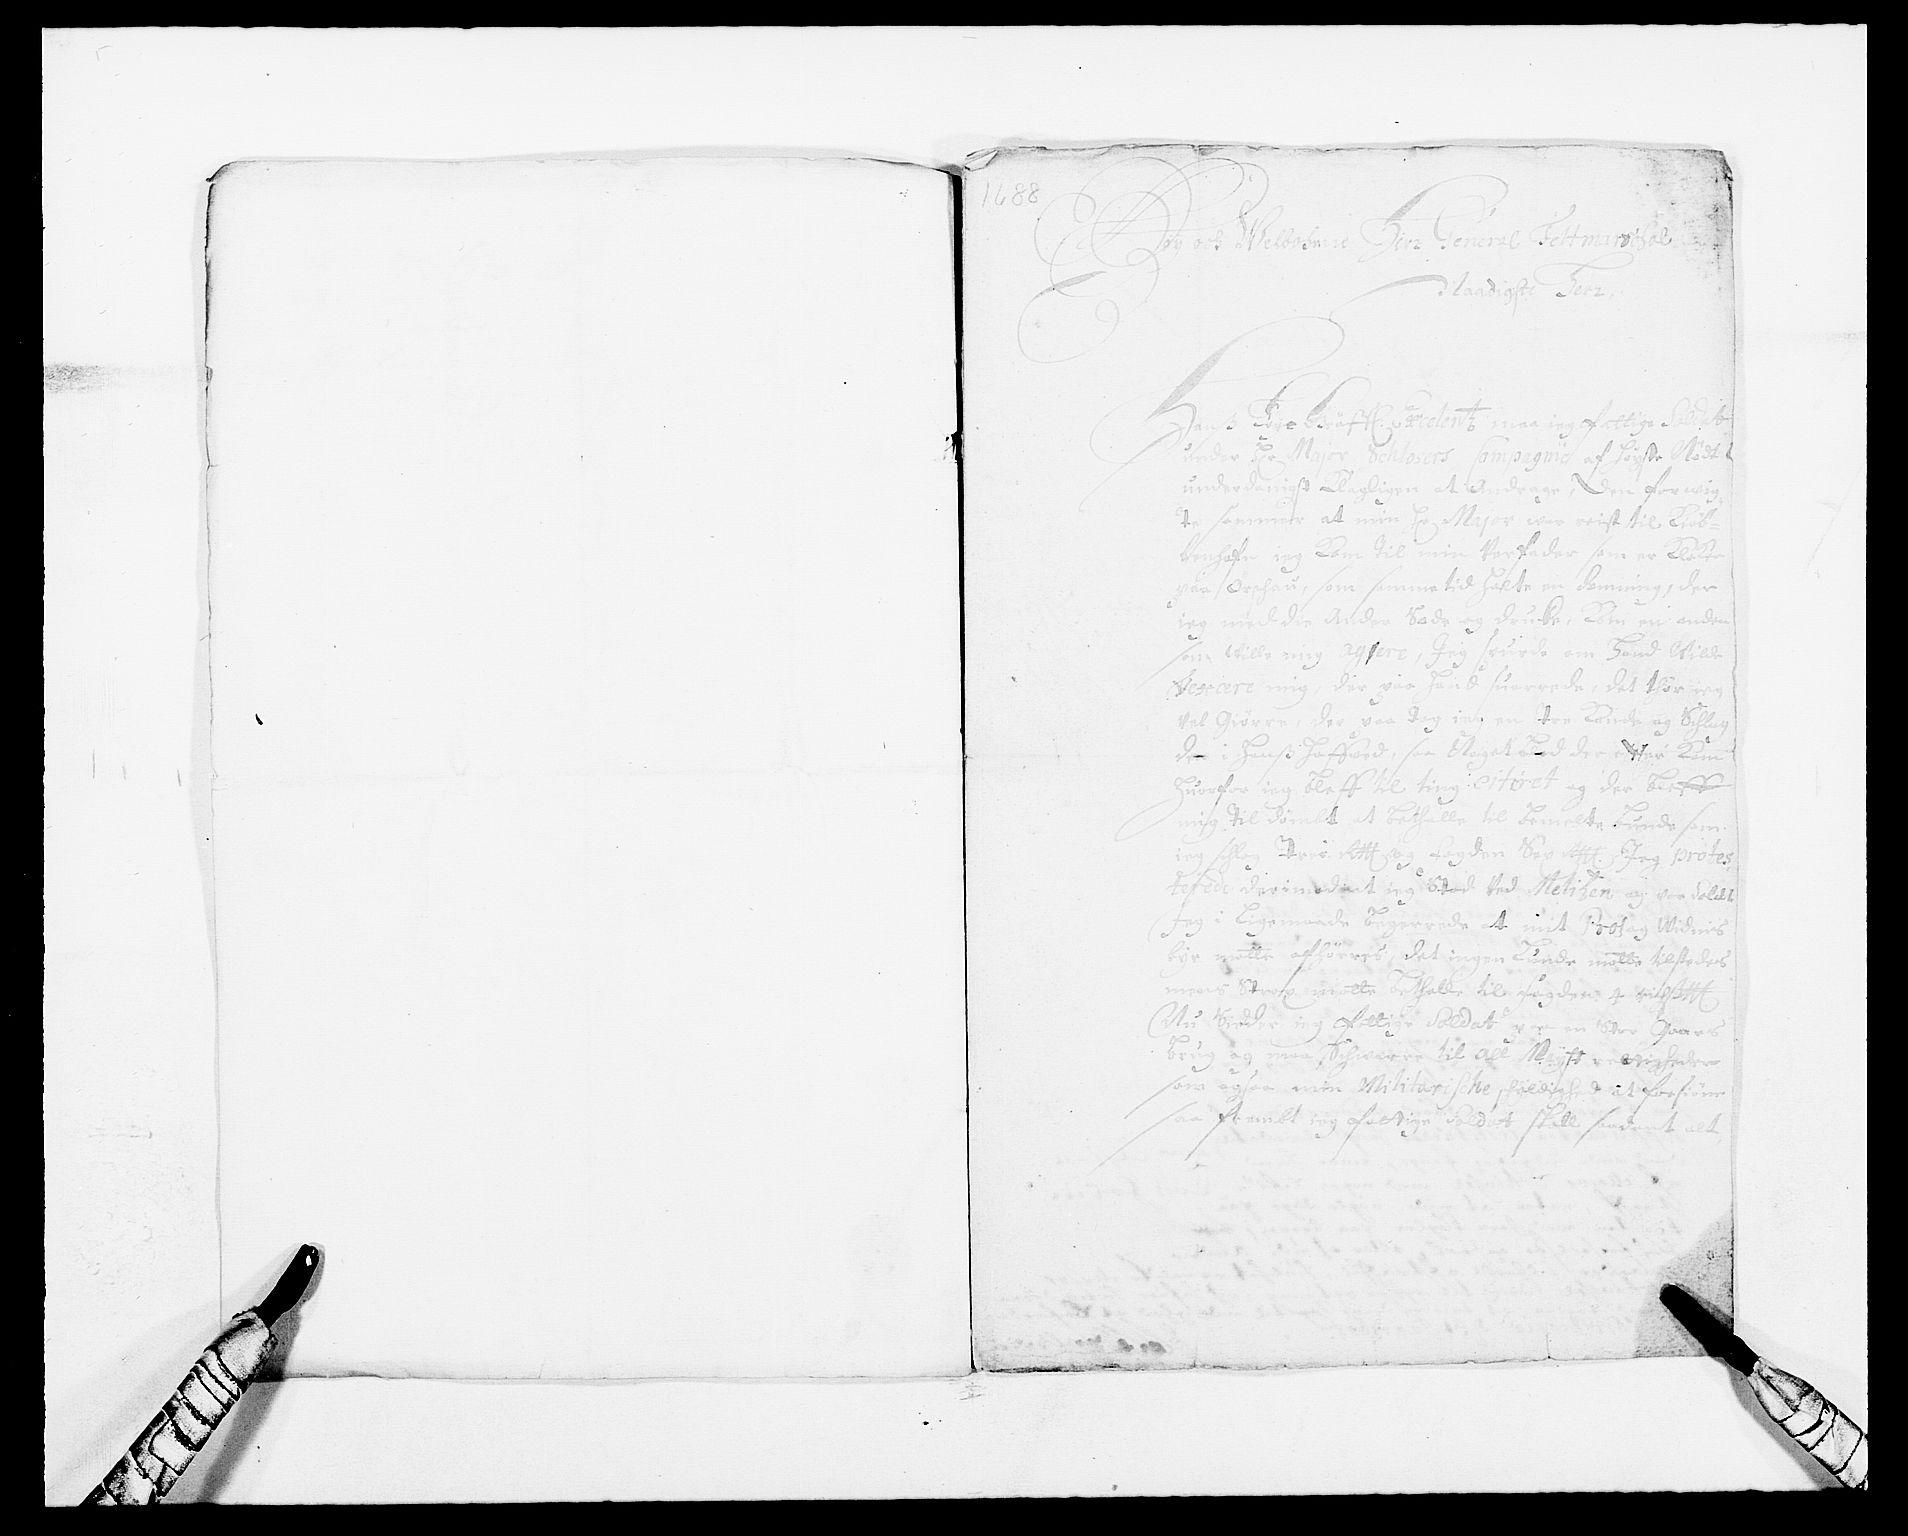 RA, Rentekammeret inntil 1814, Reviderte regnskaper, Fogderegnskap, R11/L0573: Fogderegnskap Nedre Romerike, 1679-1688, s. 149